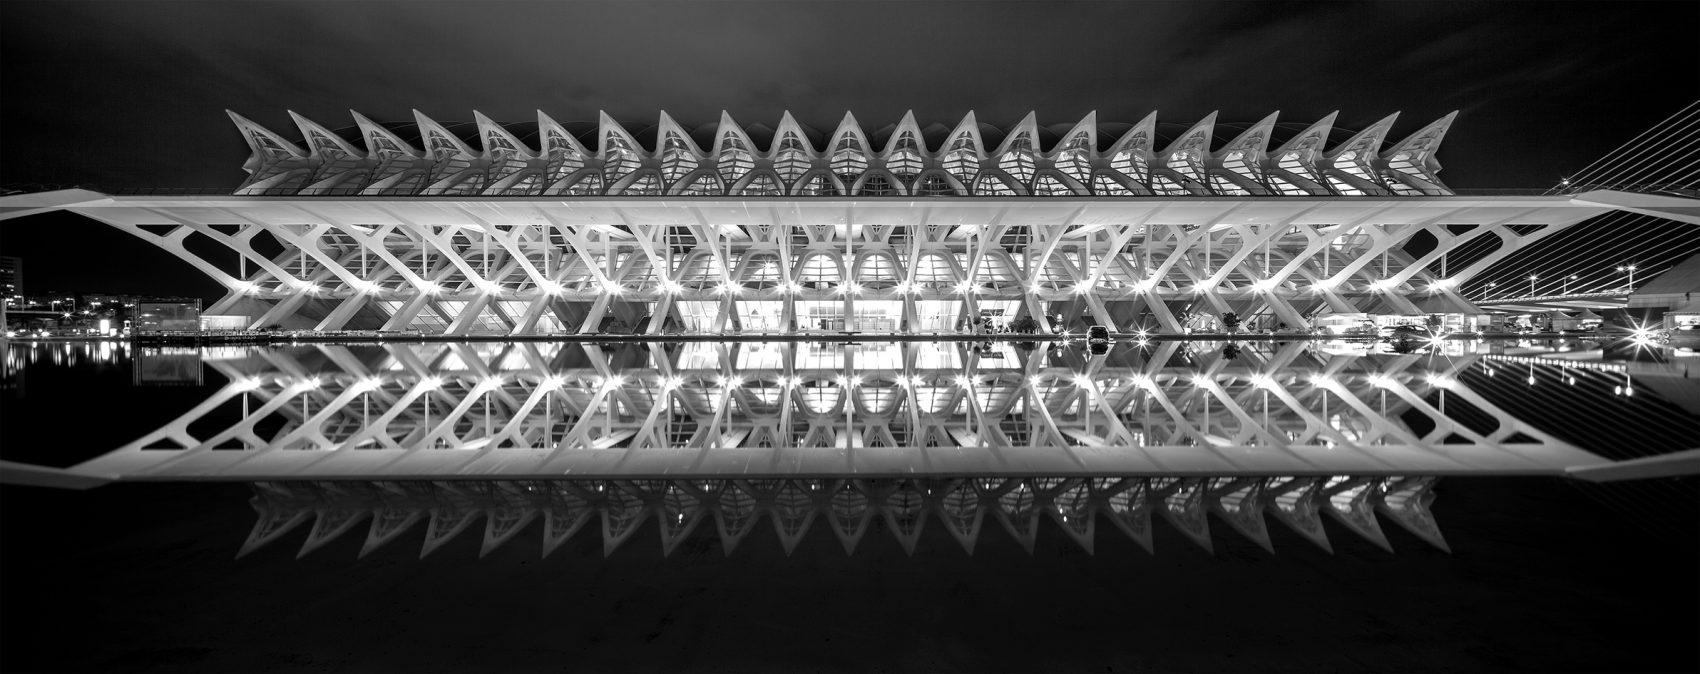 Ciudad de las Artes y las Ciencias in valencia has some great buildings including this symmetrical panorama of the science museum